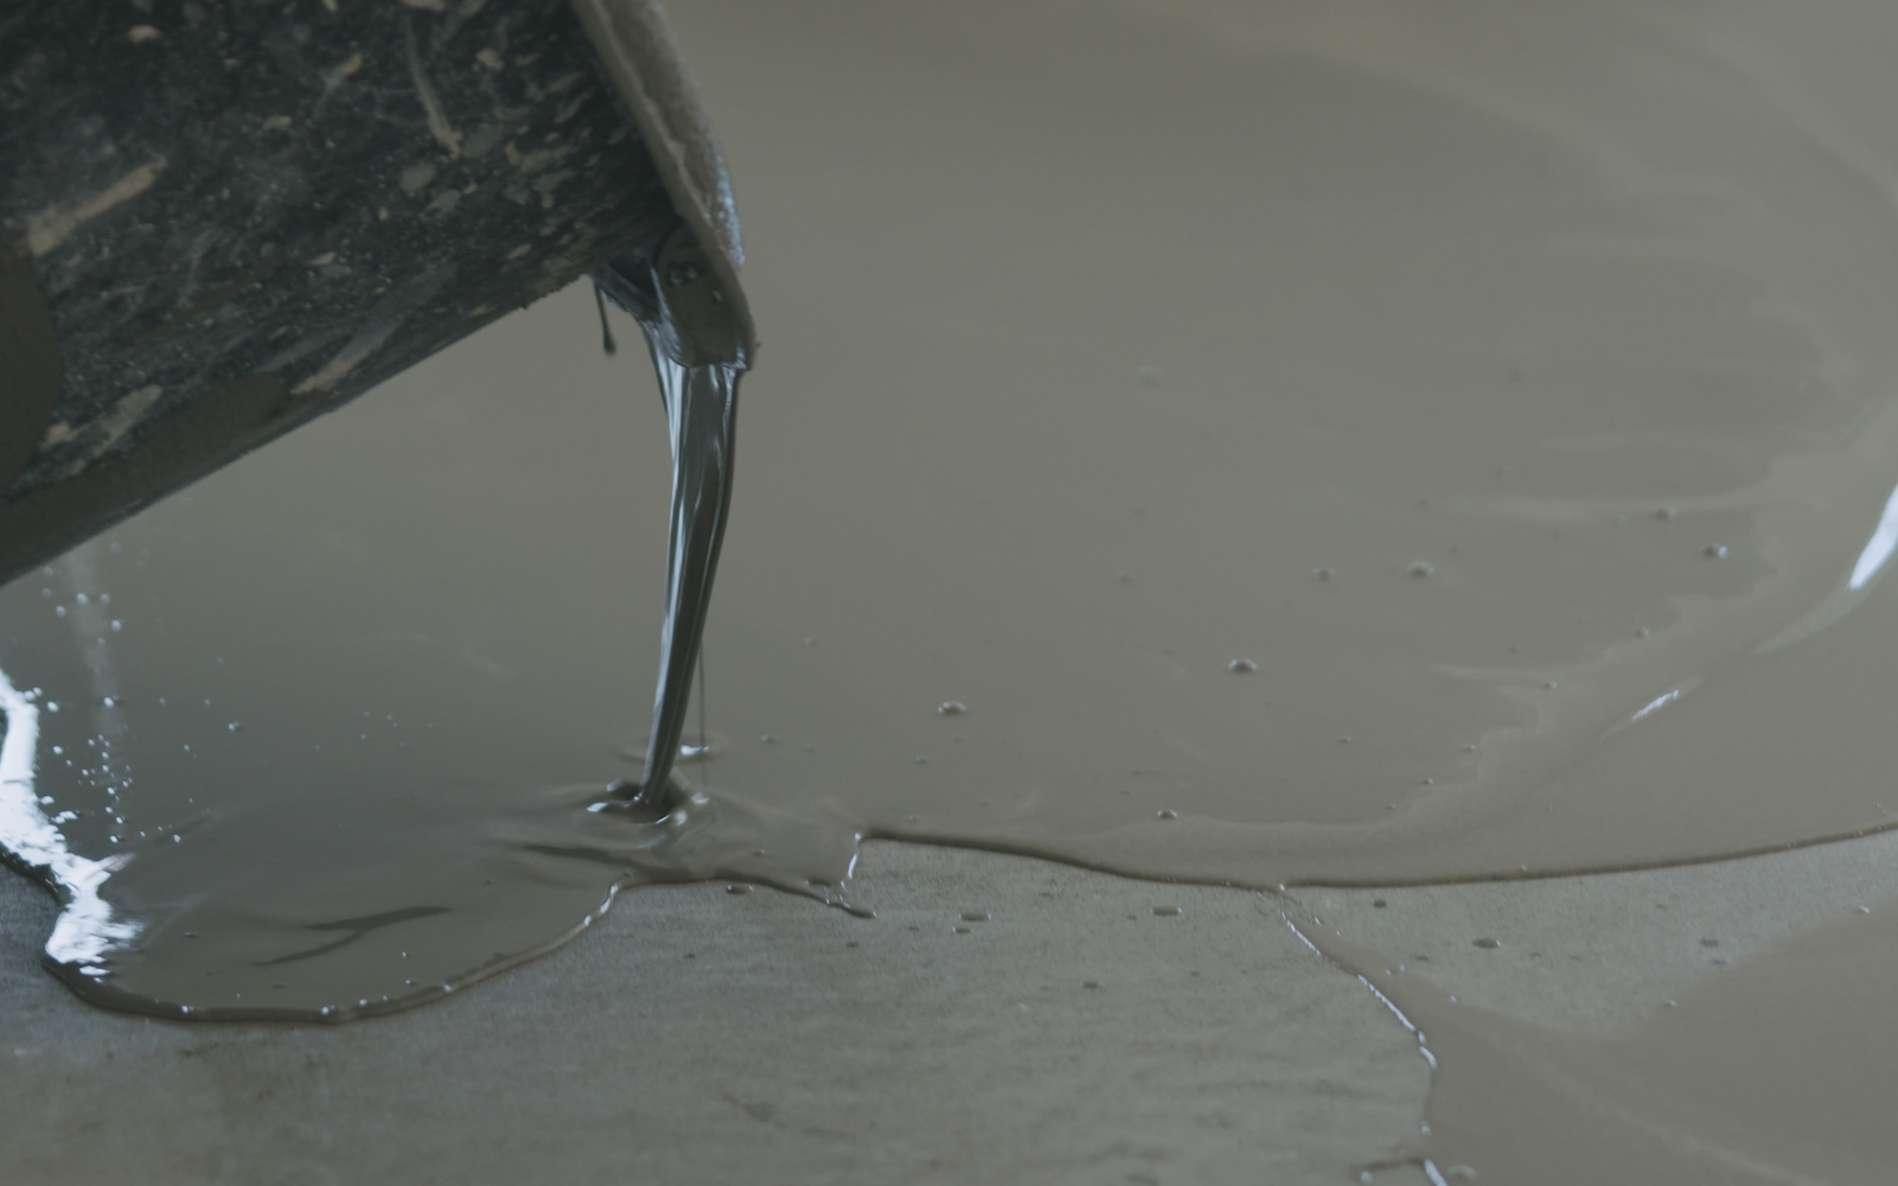 Le ciment géopolymère développé par l'université de Lancaster pourrait offrir une capacité de charge de 200 à 500 watts par mètre carré. © GCapture, Fotolia